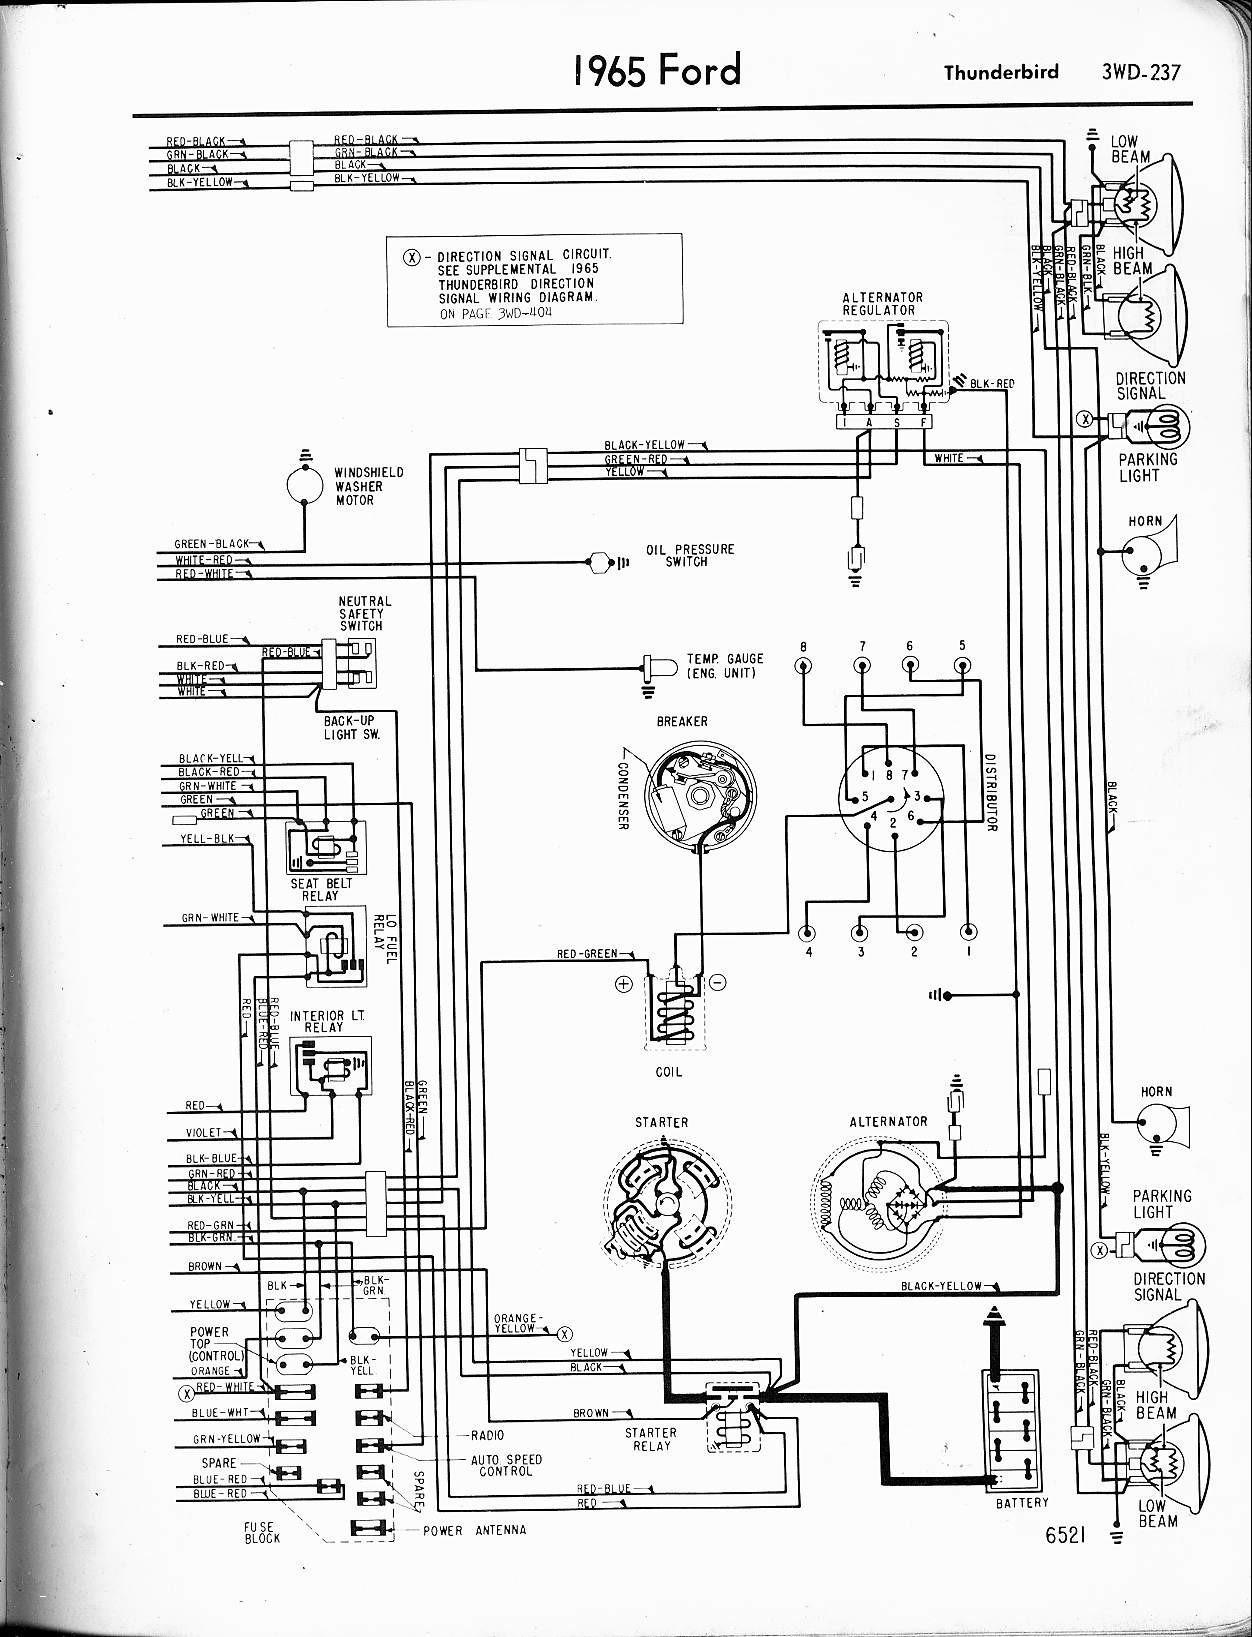 race car alternator wiring diagram blank spine kel also foneplanet de file aw20384 rh hansafanprojekt